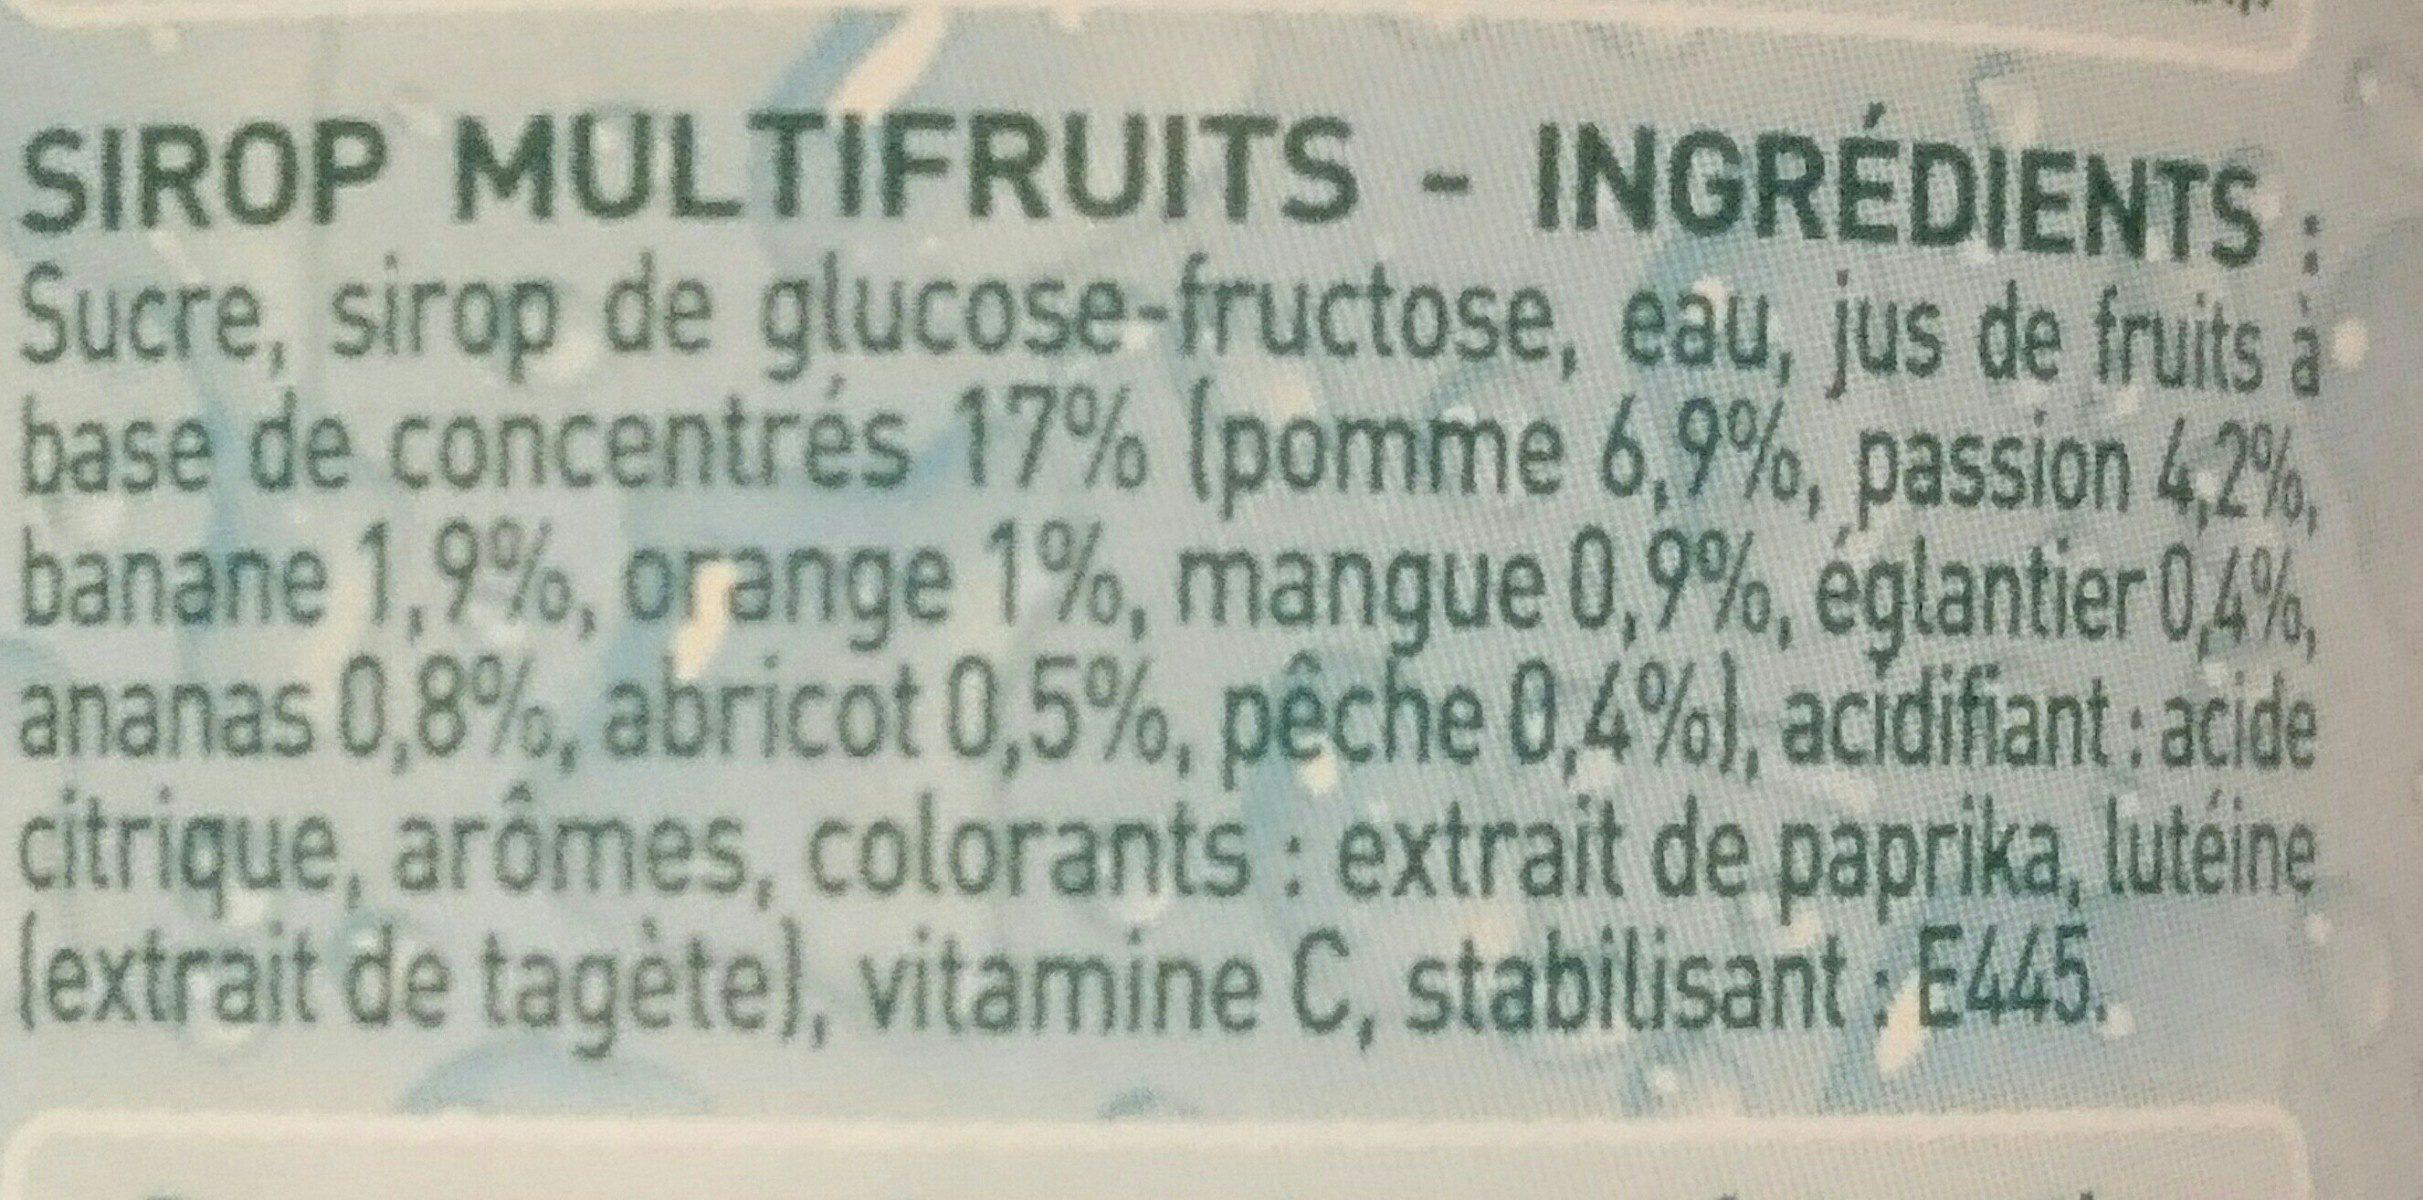 Sirop multifruits - Ingredients - fr